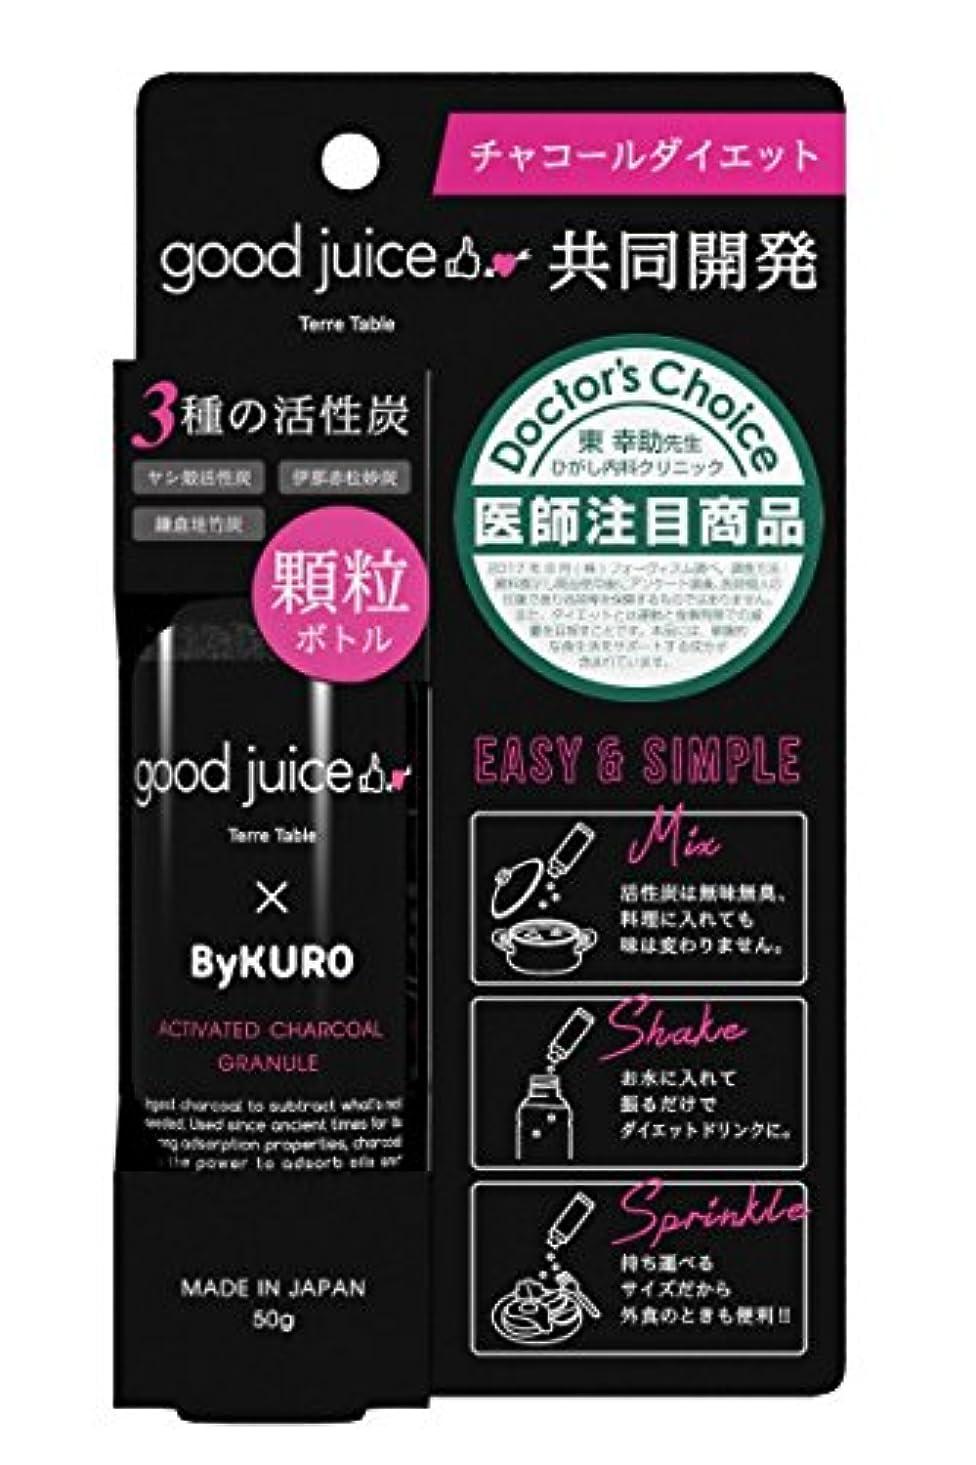 リテラシーイブニングに慣れByKURO(バイクロ) チャコールダイエット 顆粒G 50g